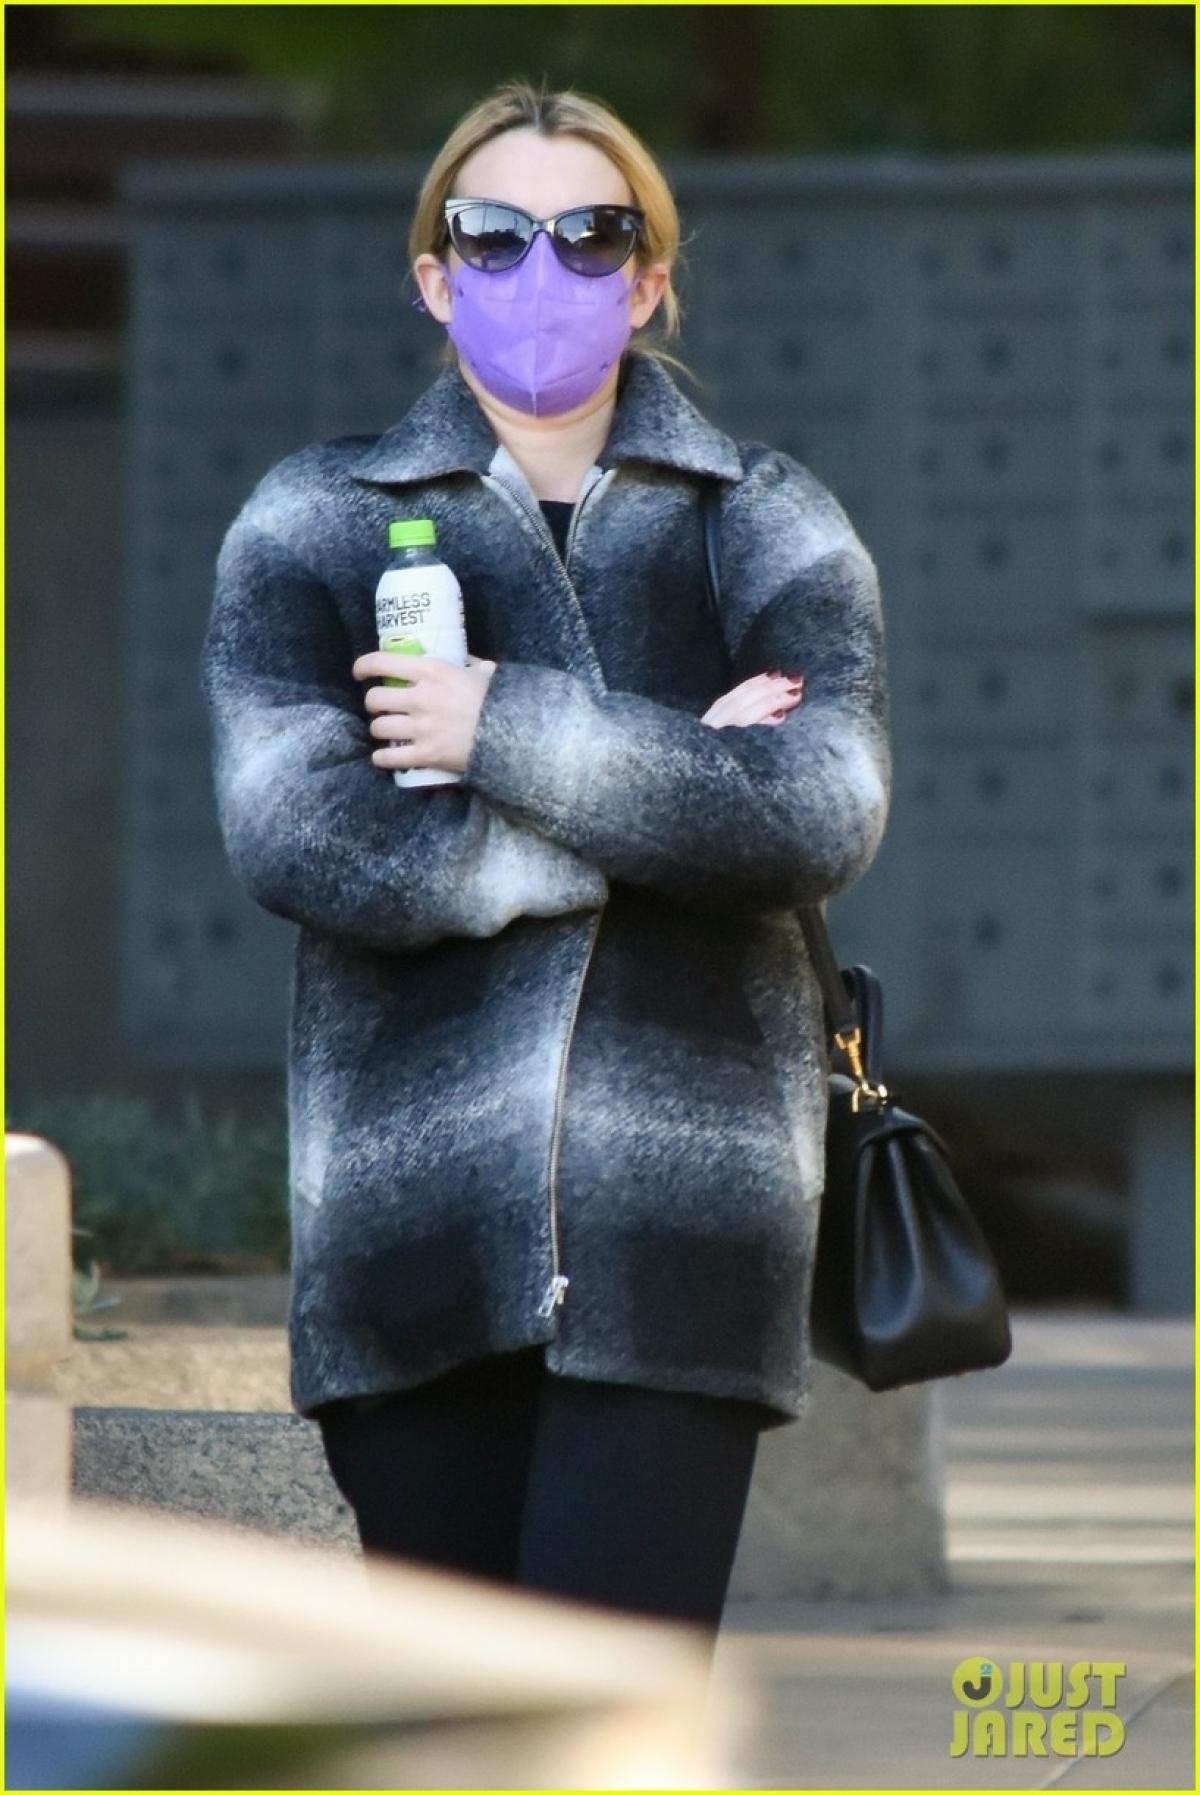 Emma Roberts sinh năm 1991 trong một gia đình có truyền thống làm nghệ thuật. Năm 2001, cô có vai diễn đầu tiên trong Blow - bộ phim cô đóng chung với Johnny Depp./.